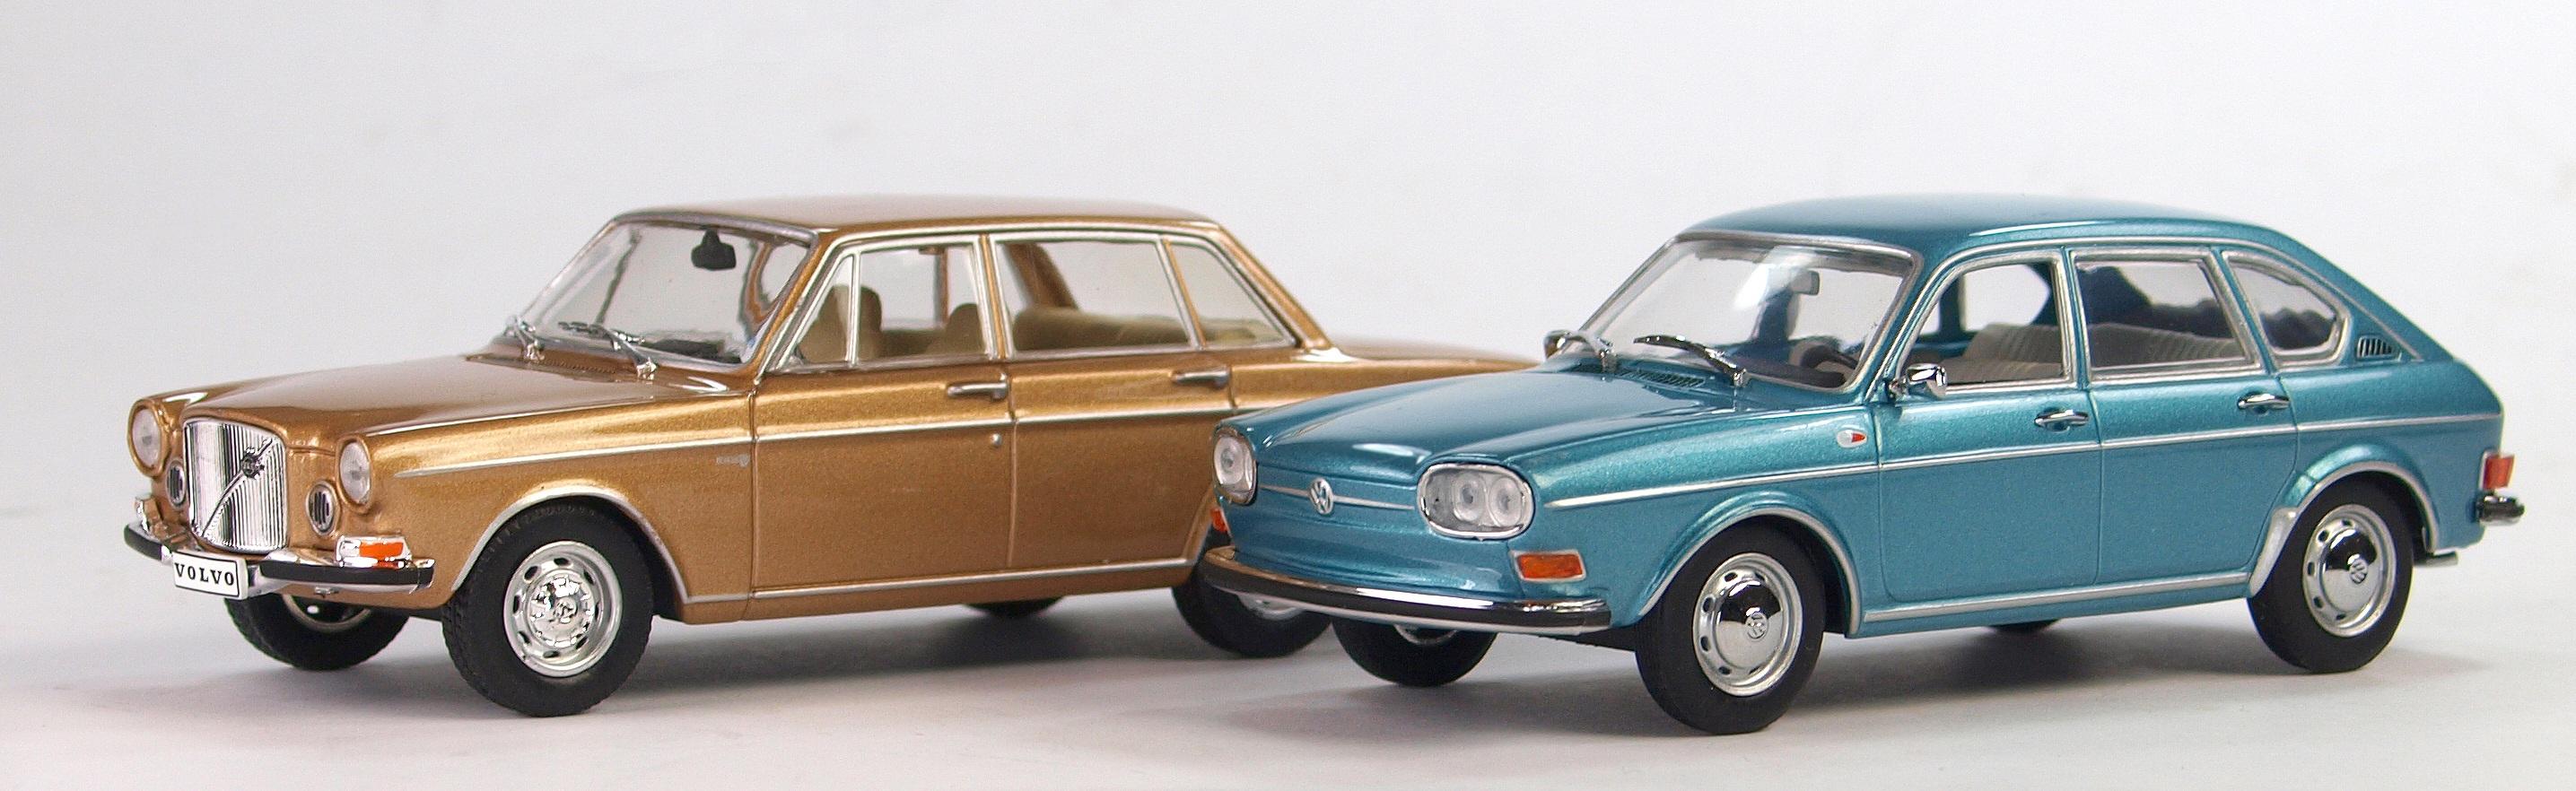 Free Images Vw Auto Leisure Sedan Oldtimer Model Cars